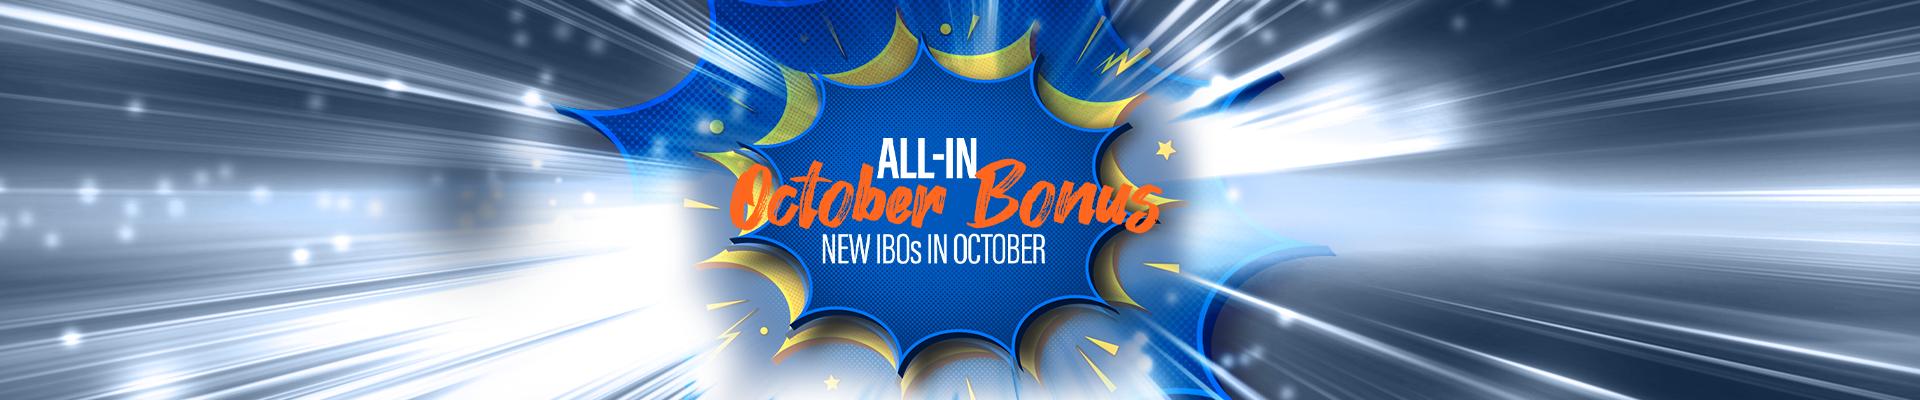 1920X400-ACN-Compas-October-Bonus-EN